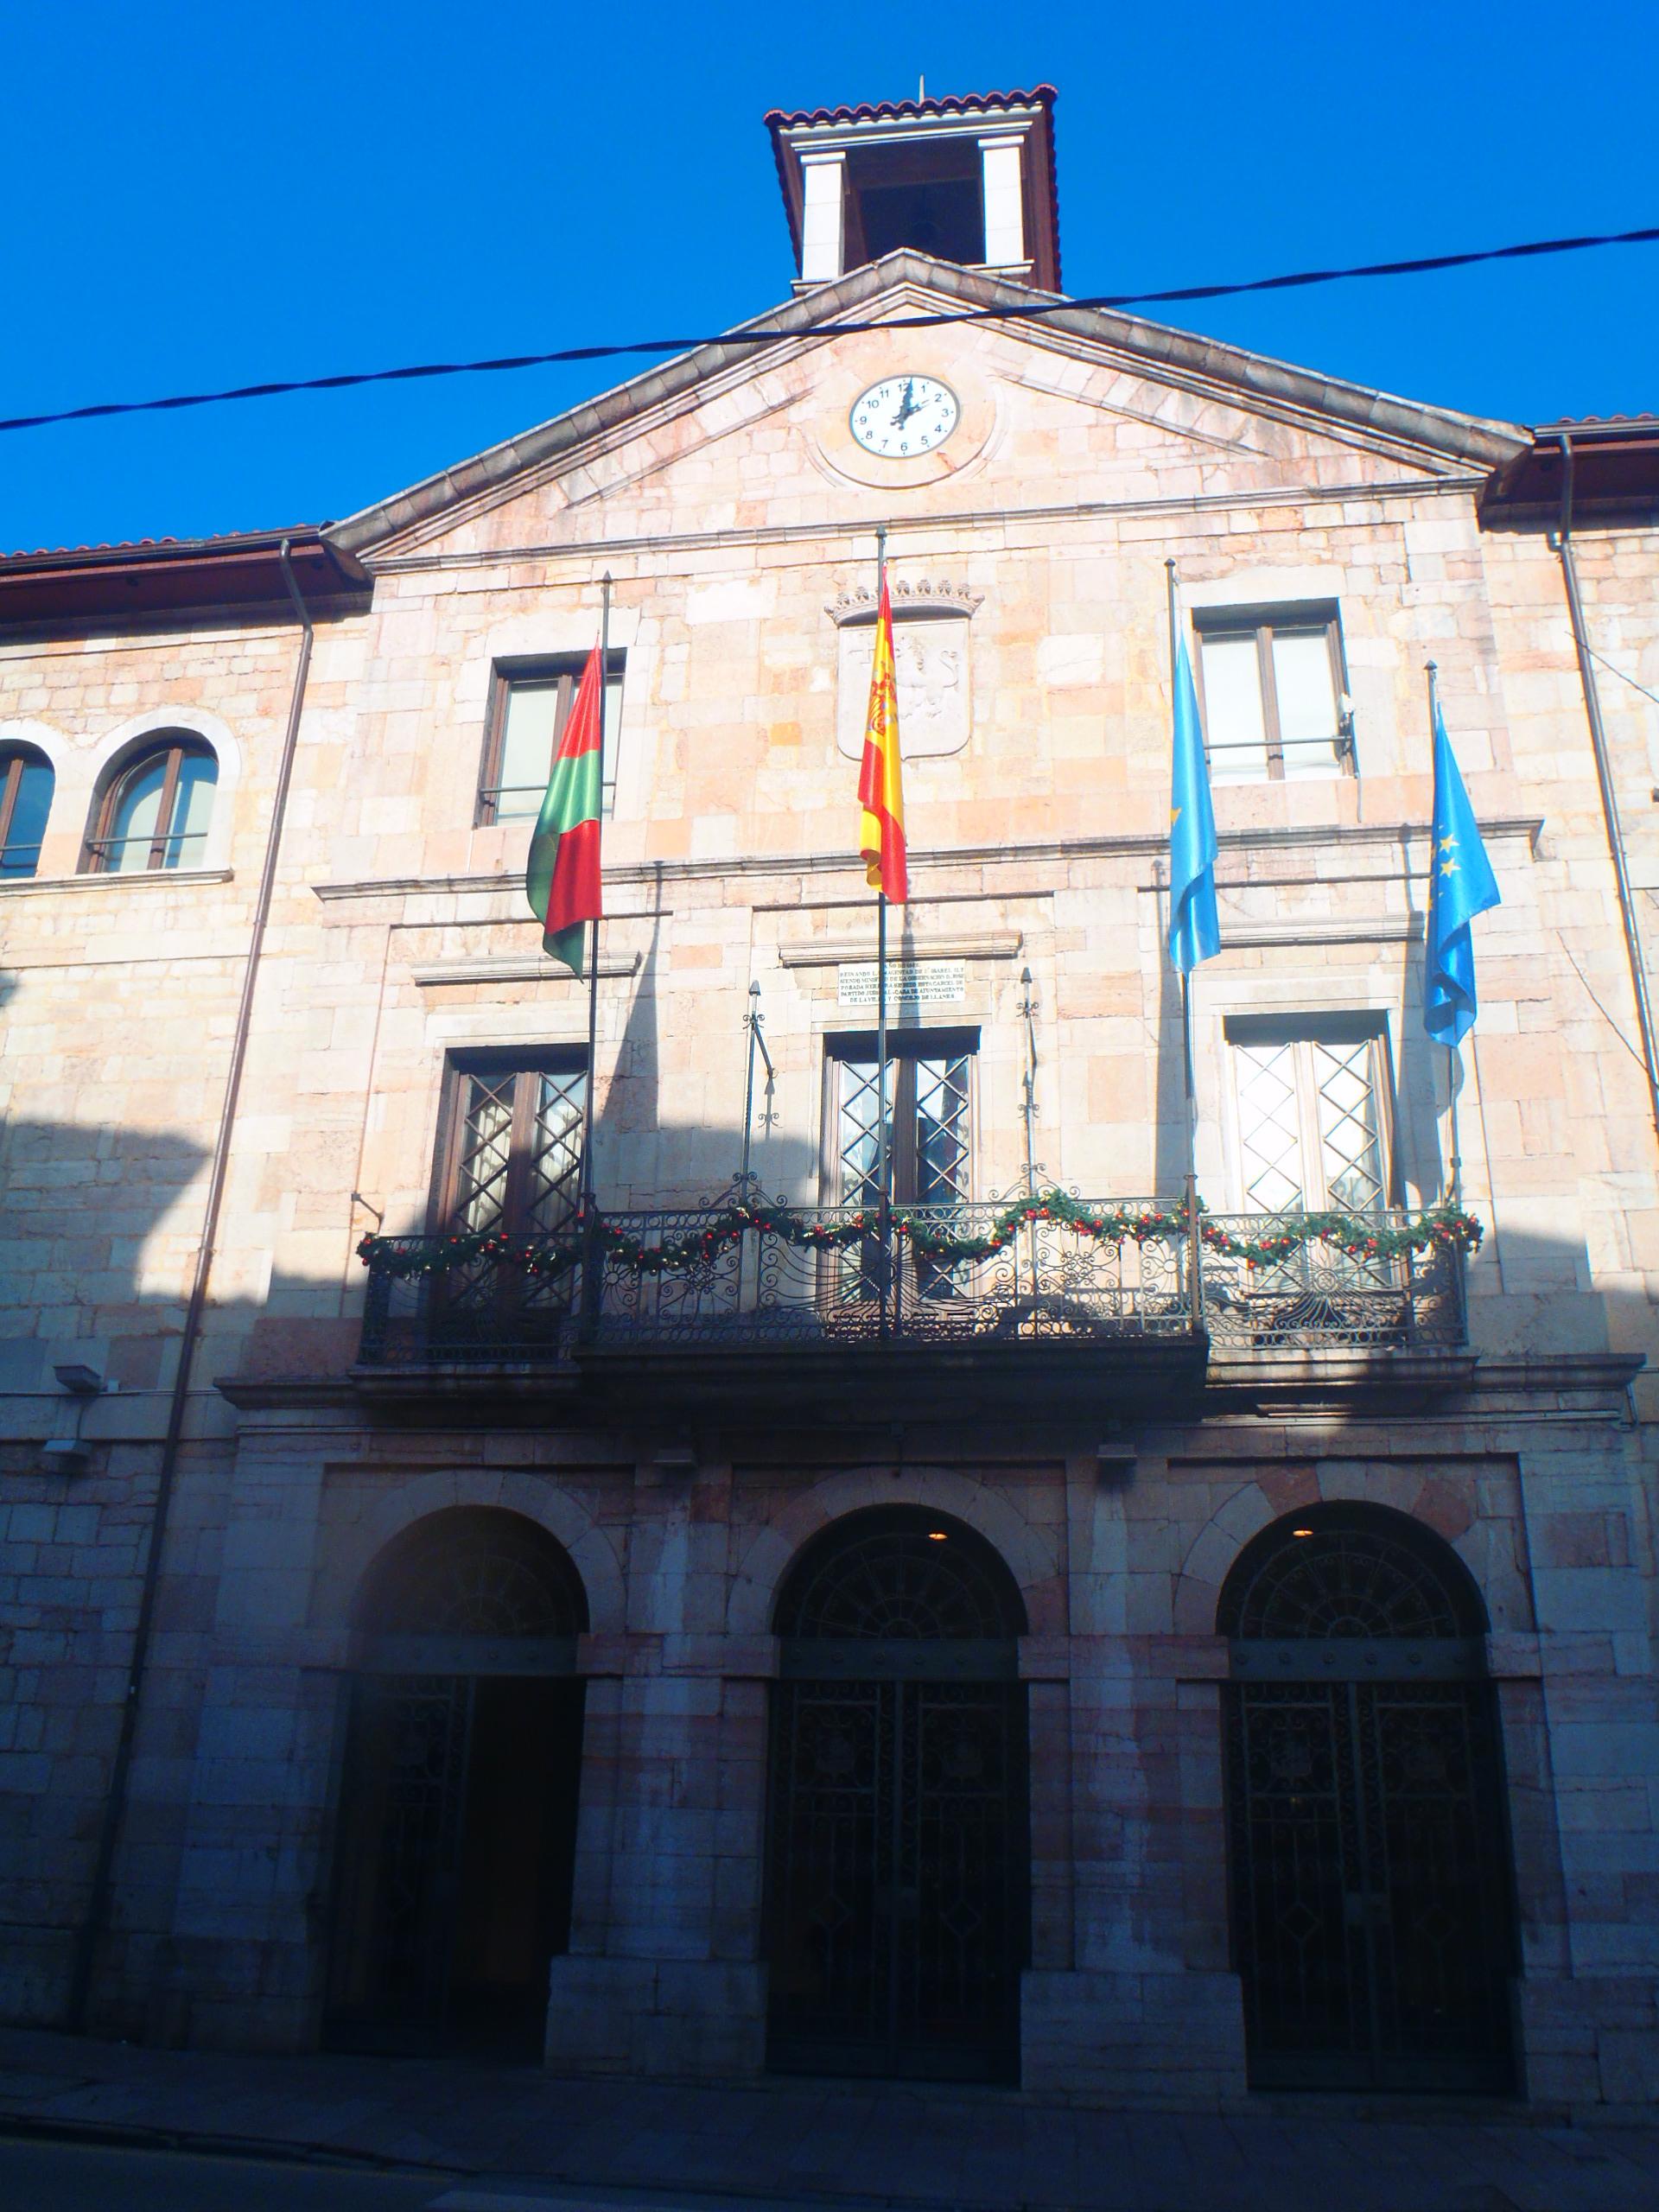 Ayuntamiento de Llanes - Celoriu.com todos los derechos reservados